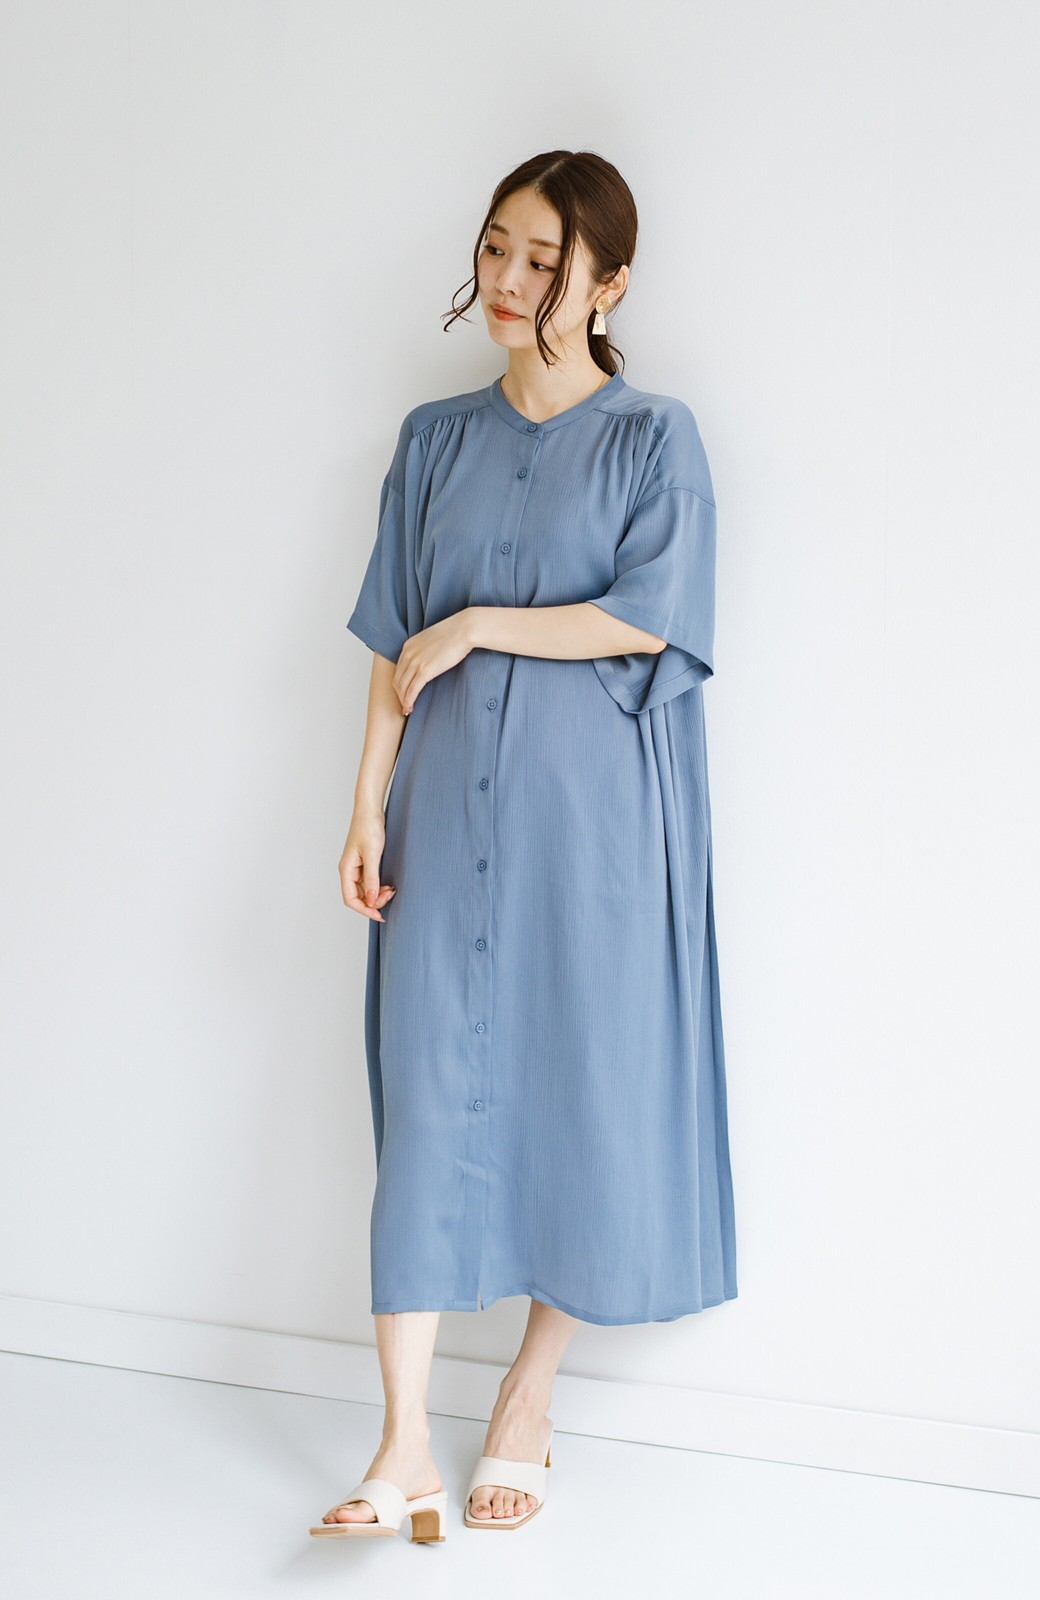 haco! 羽織としてもワンピースとしても着られちゃう 後ろ姿まで抜かりなくかわいいプリーツワンピース <ブルー>の商品写真8